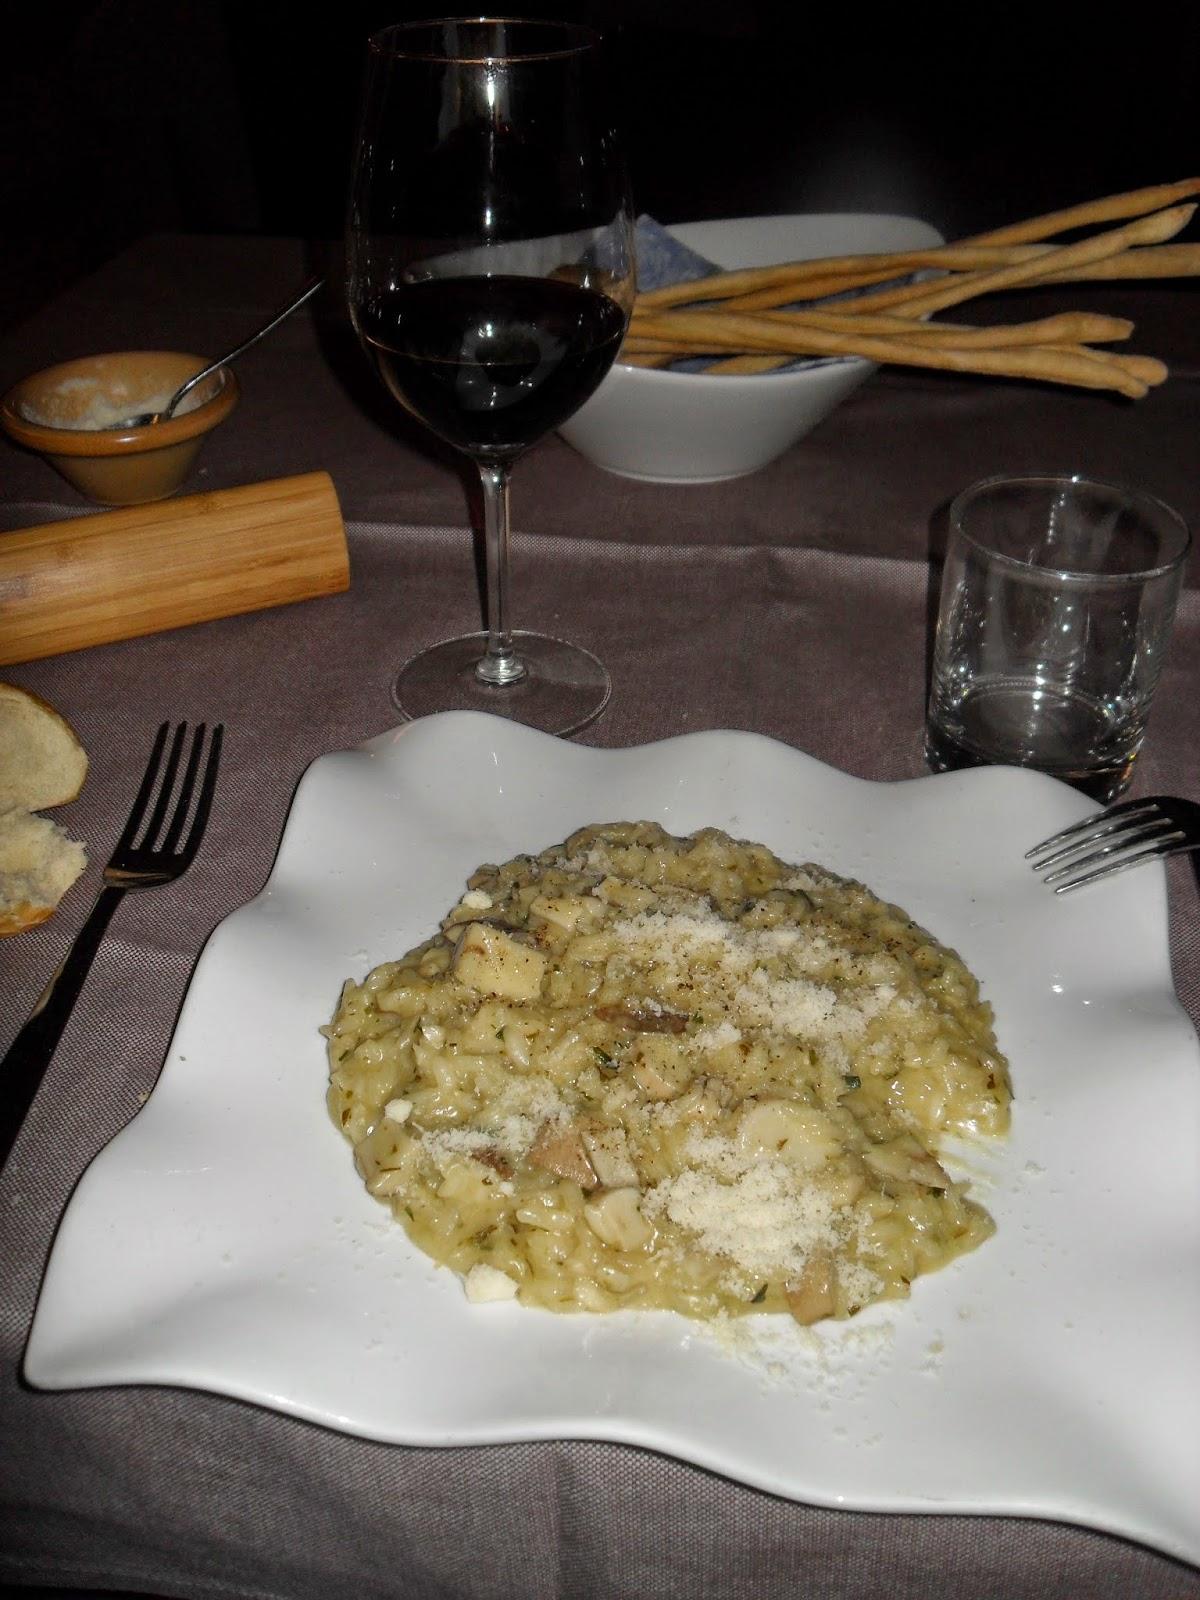 Risotto con Funghi Porcini, Barbera d'Asti, Asti